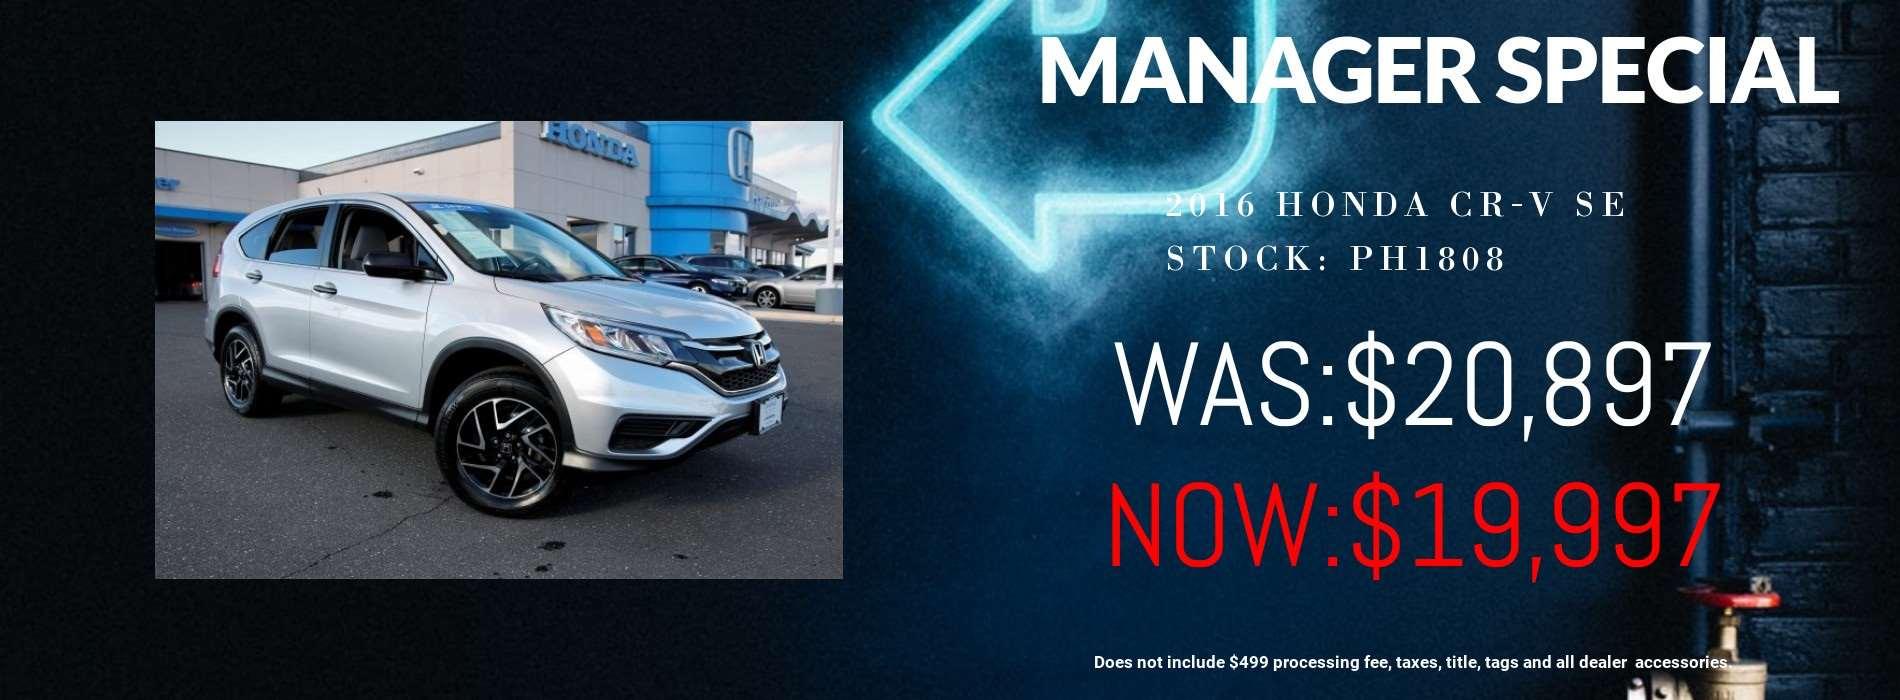 Honda CR-V Manager Special 03/23